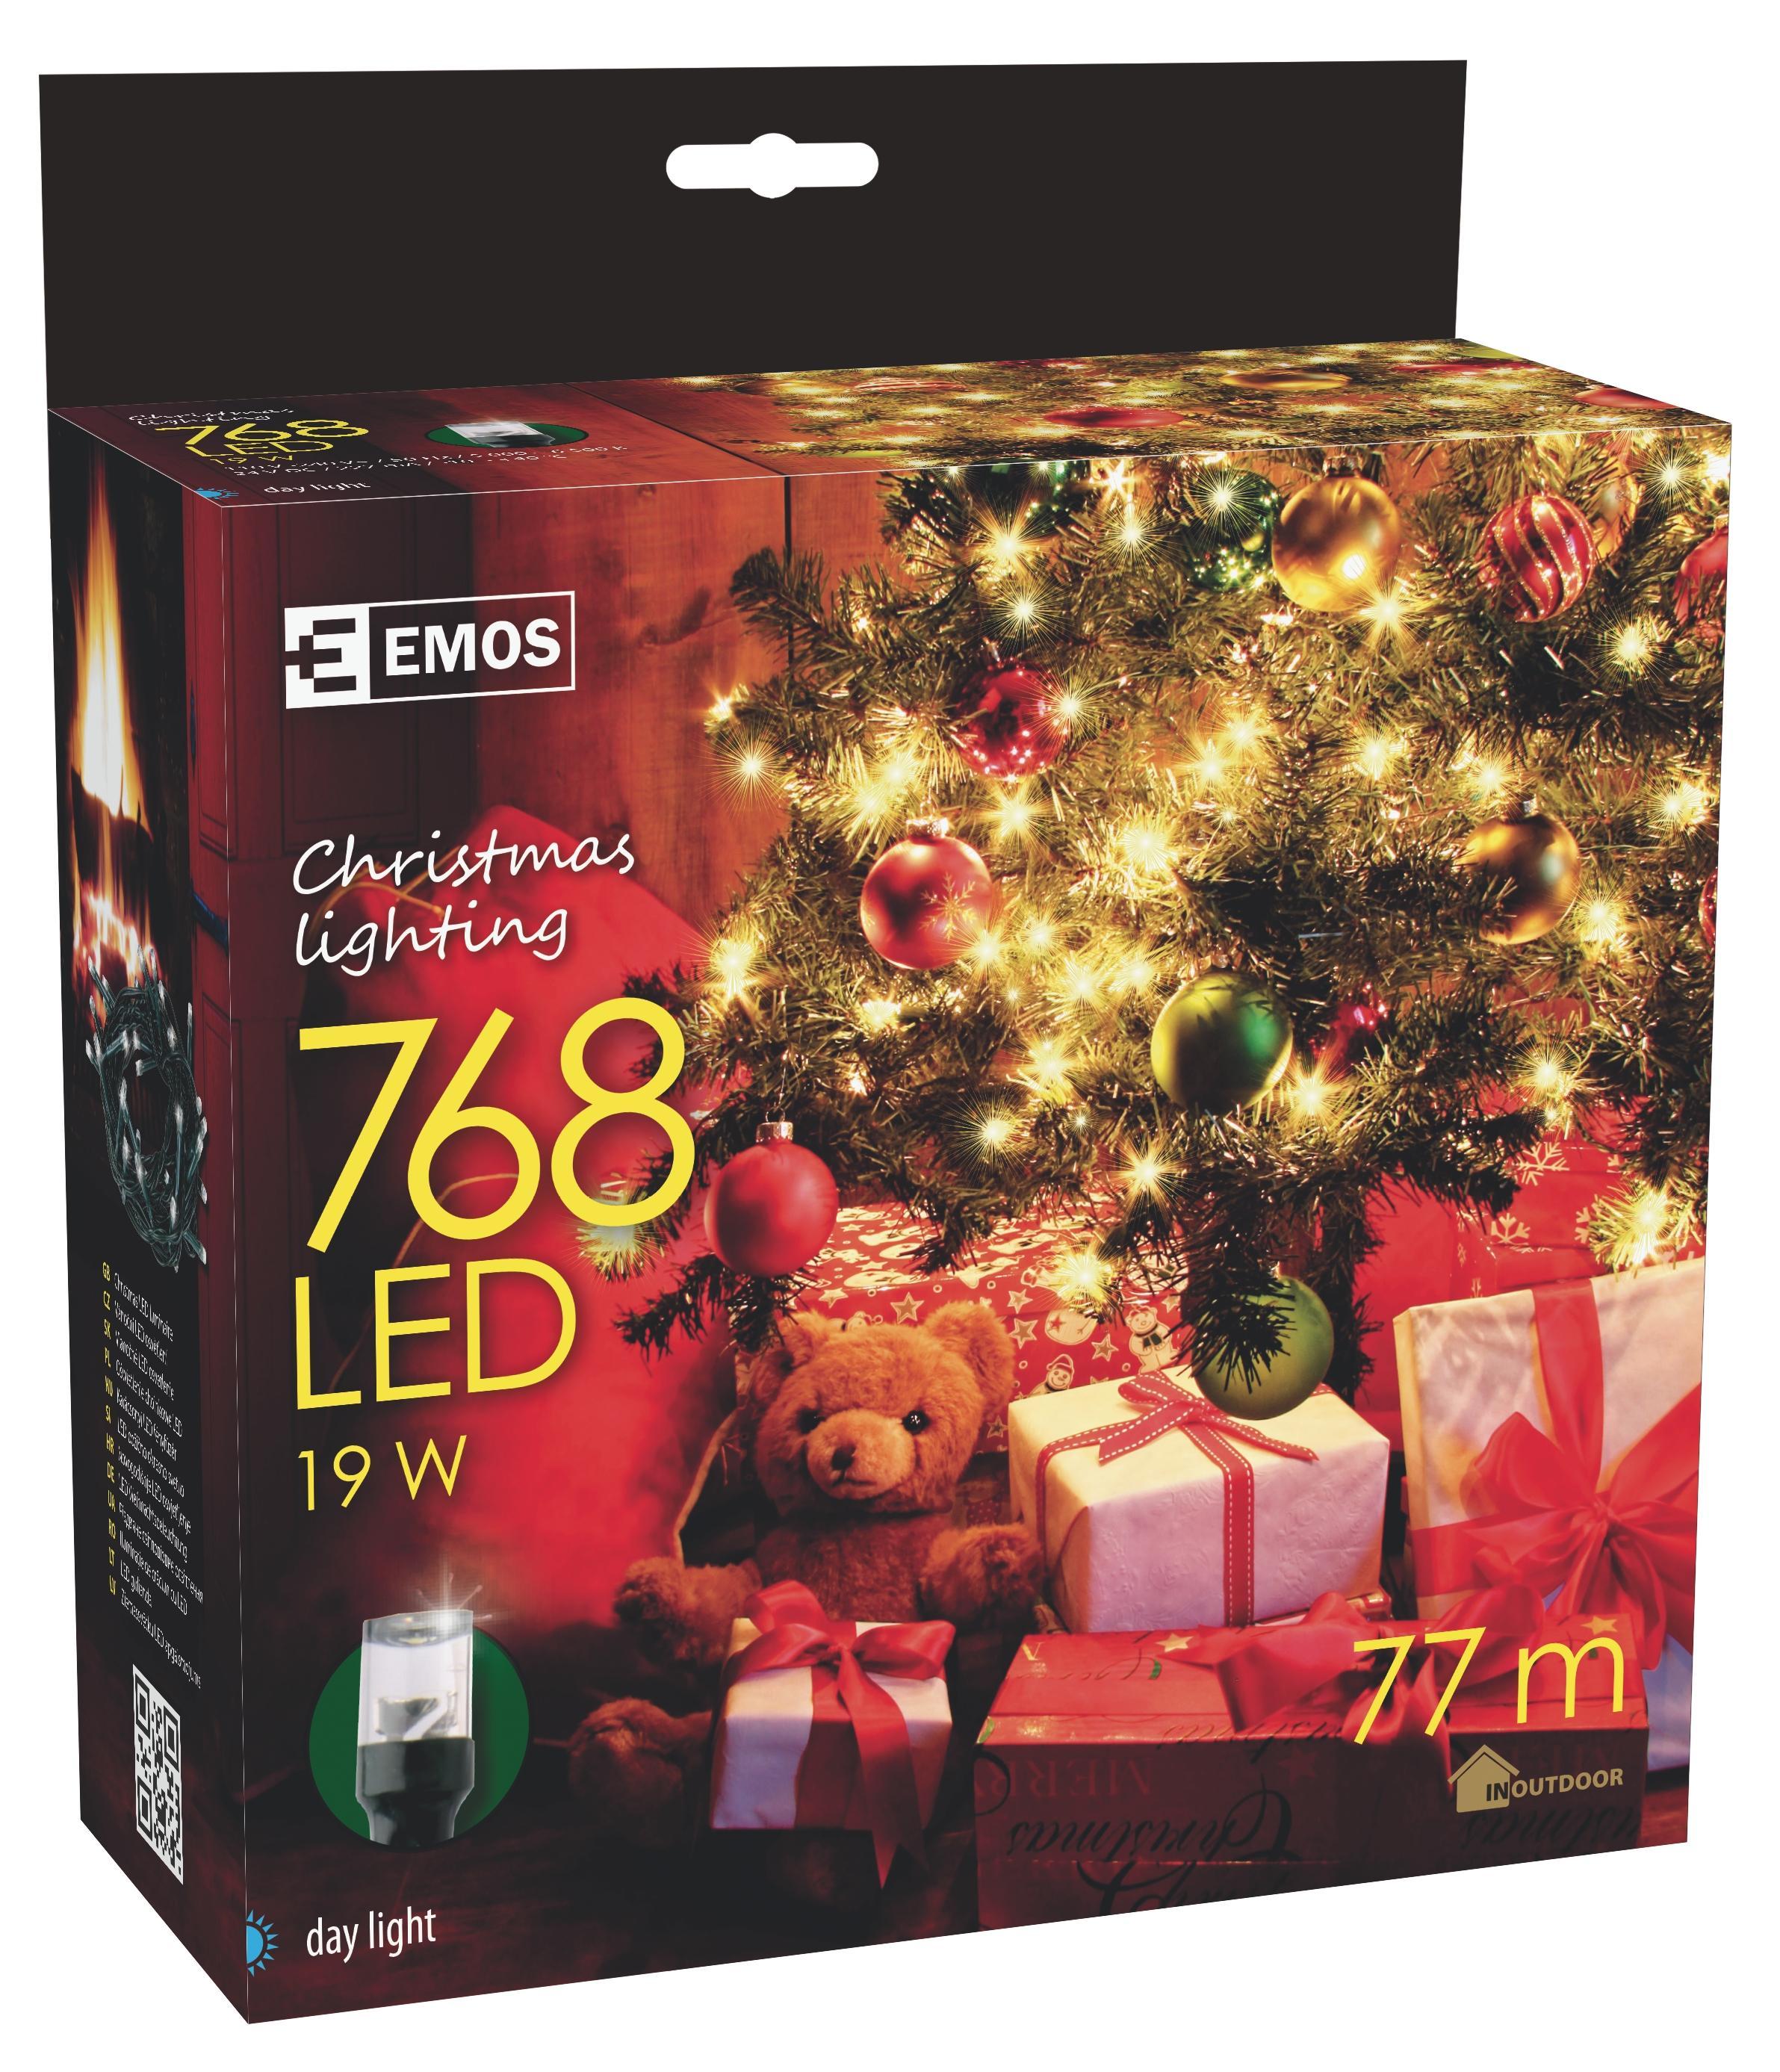 768 LED vánoční osvětlení 76M IP44 denní světlo